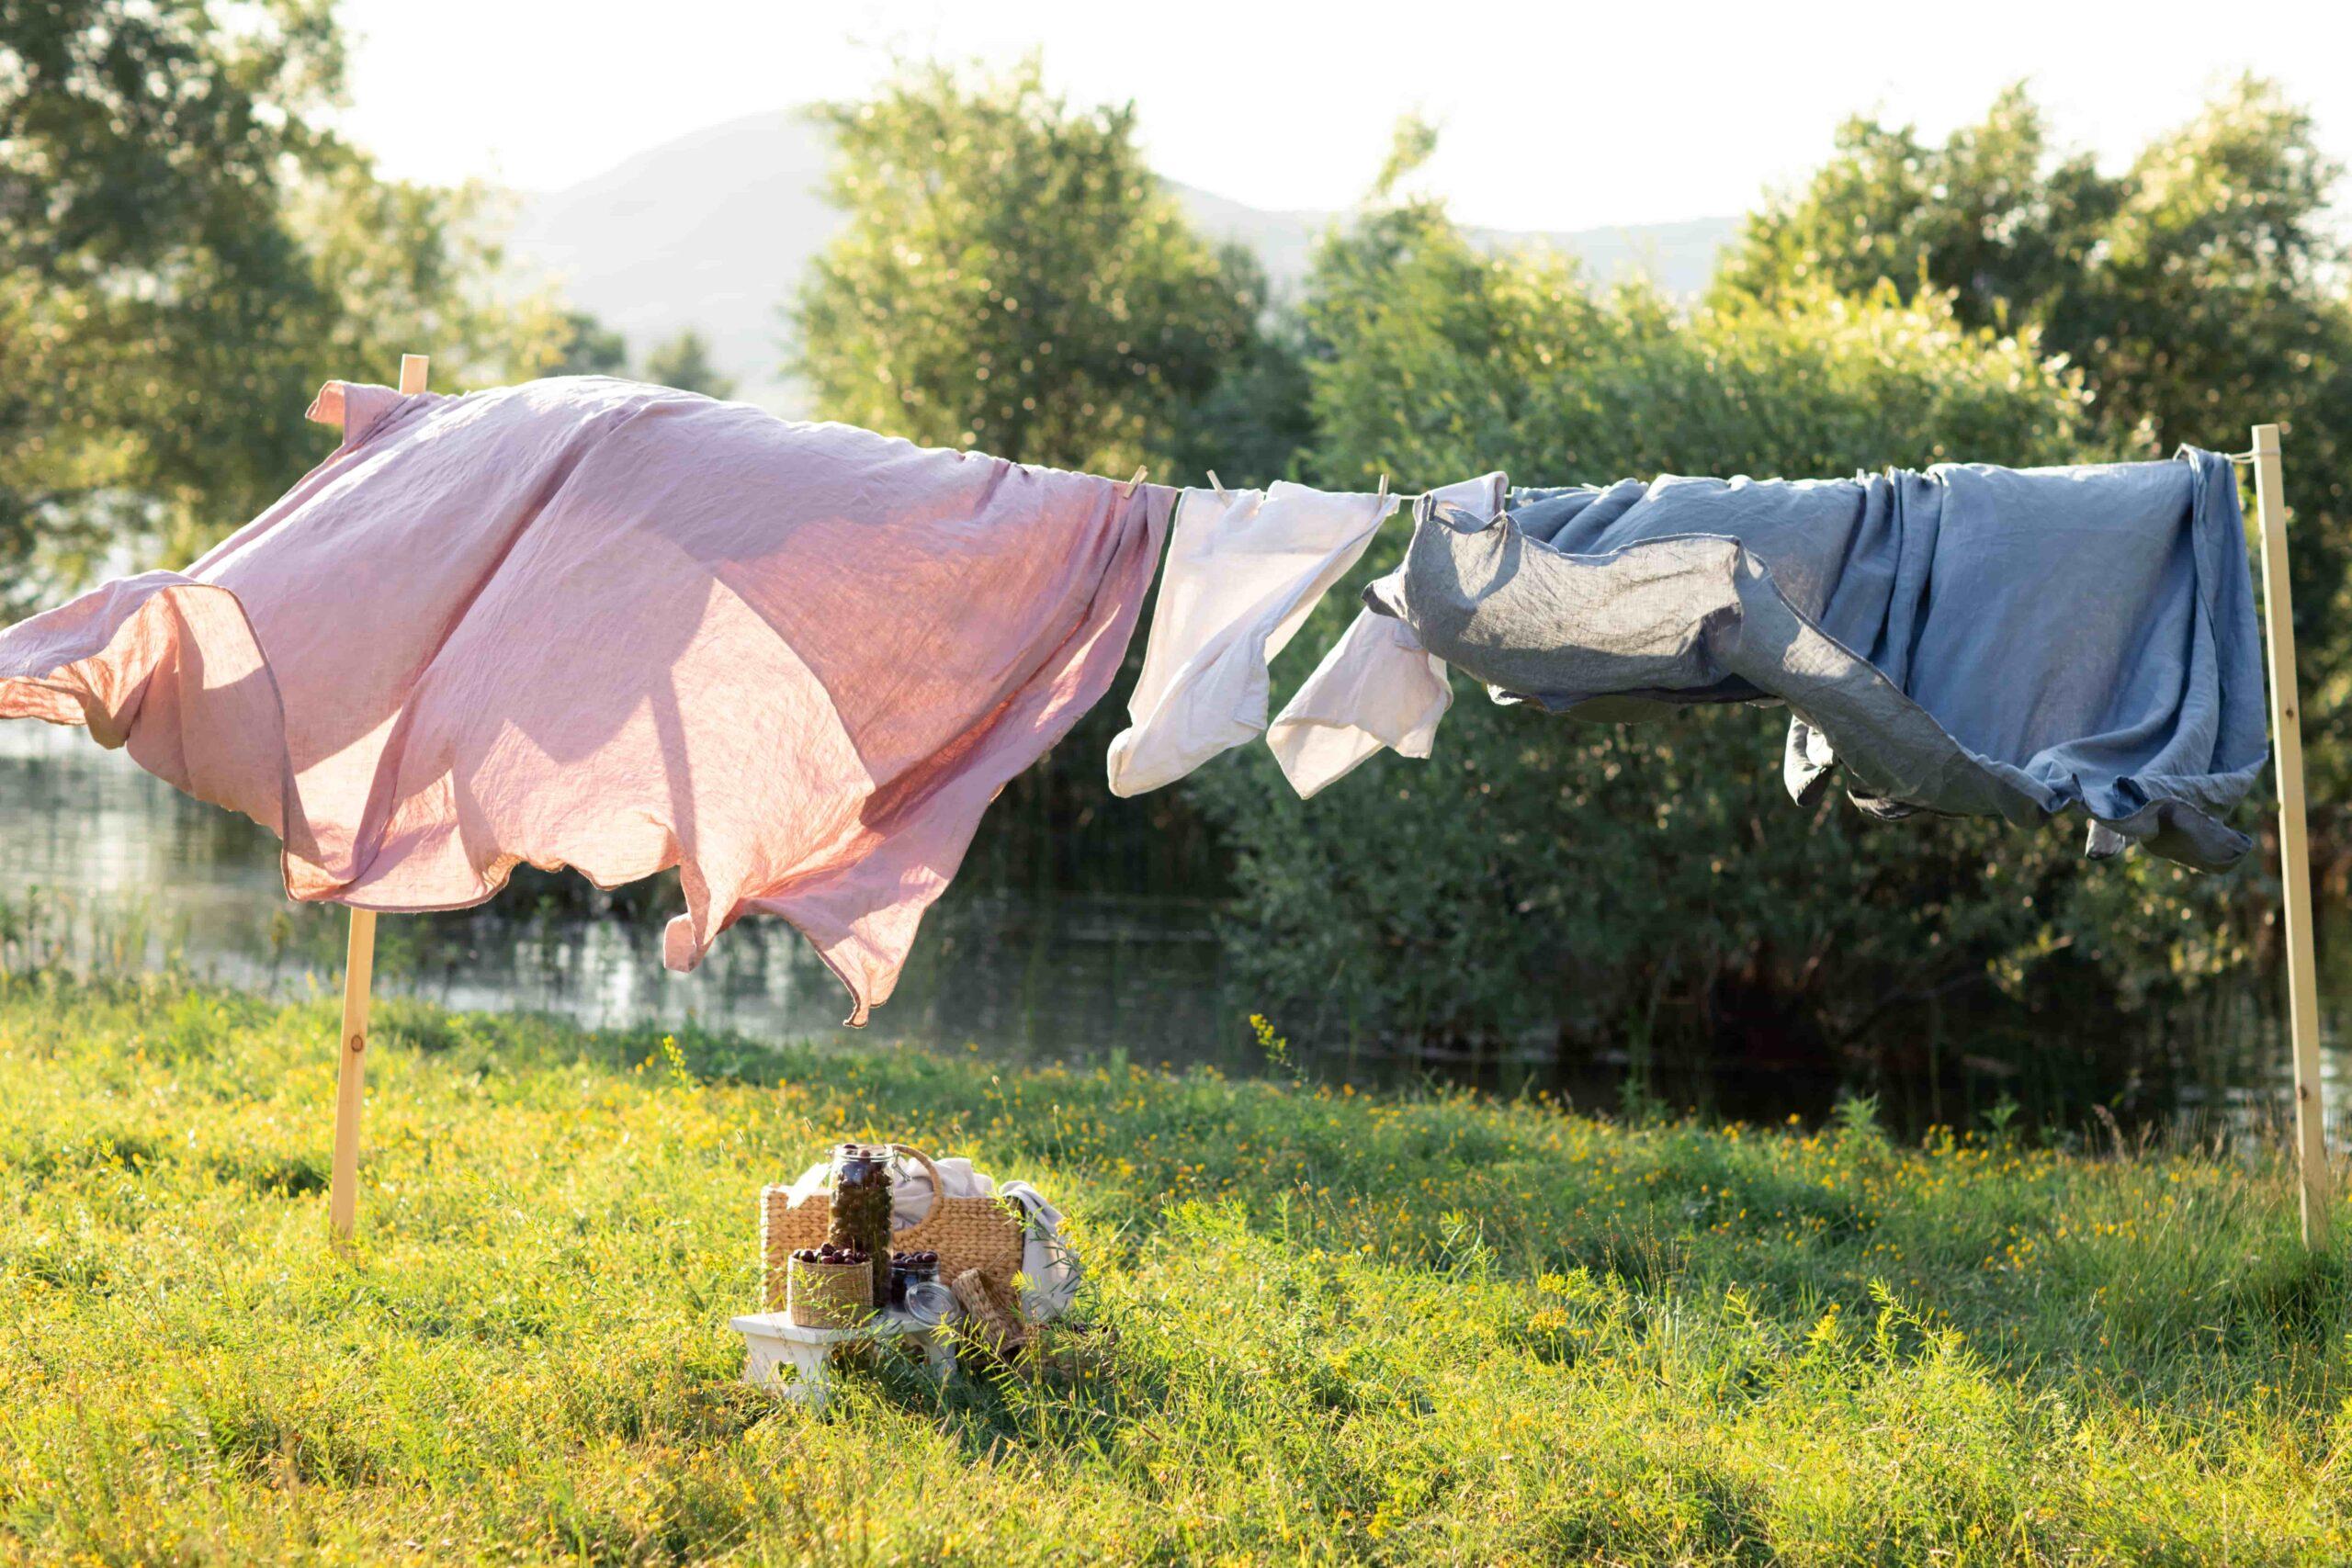 Lavar la ropa mientras estás de viaje con autocaravana